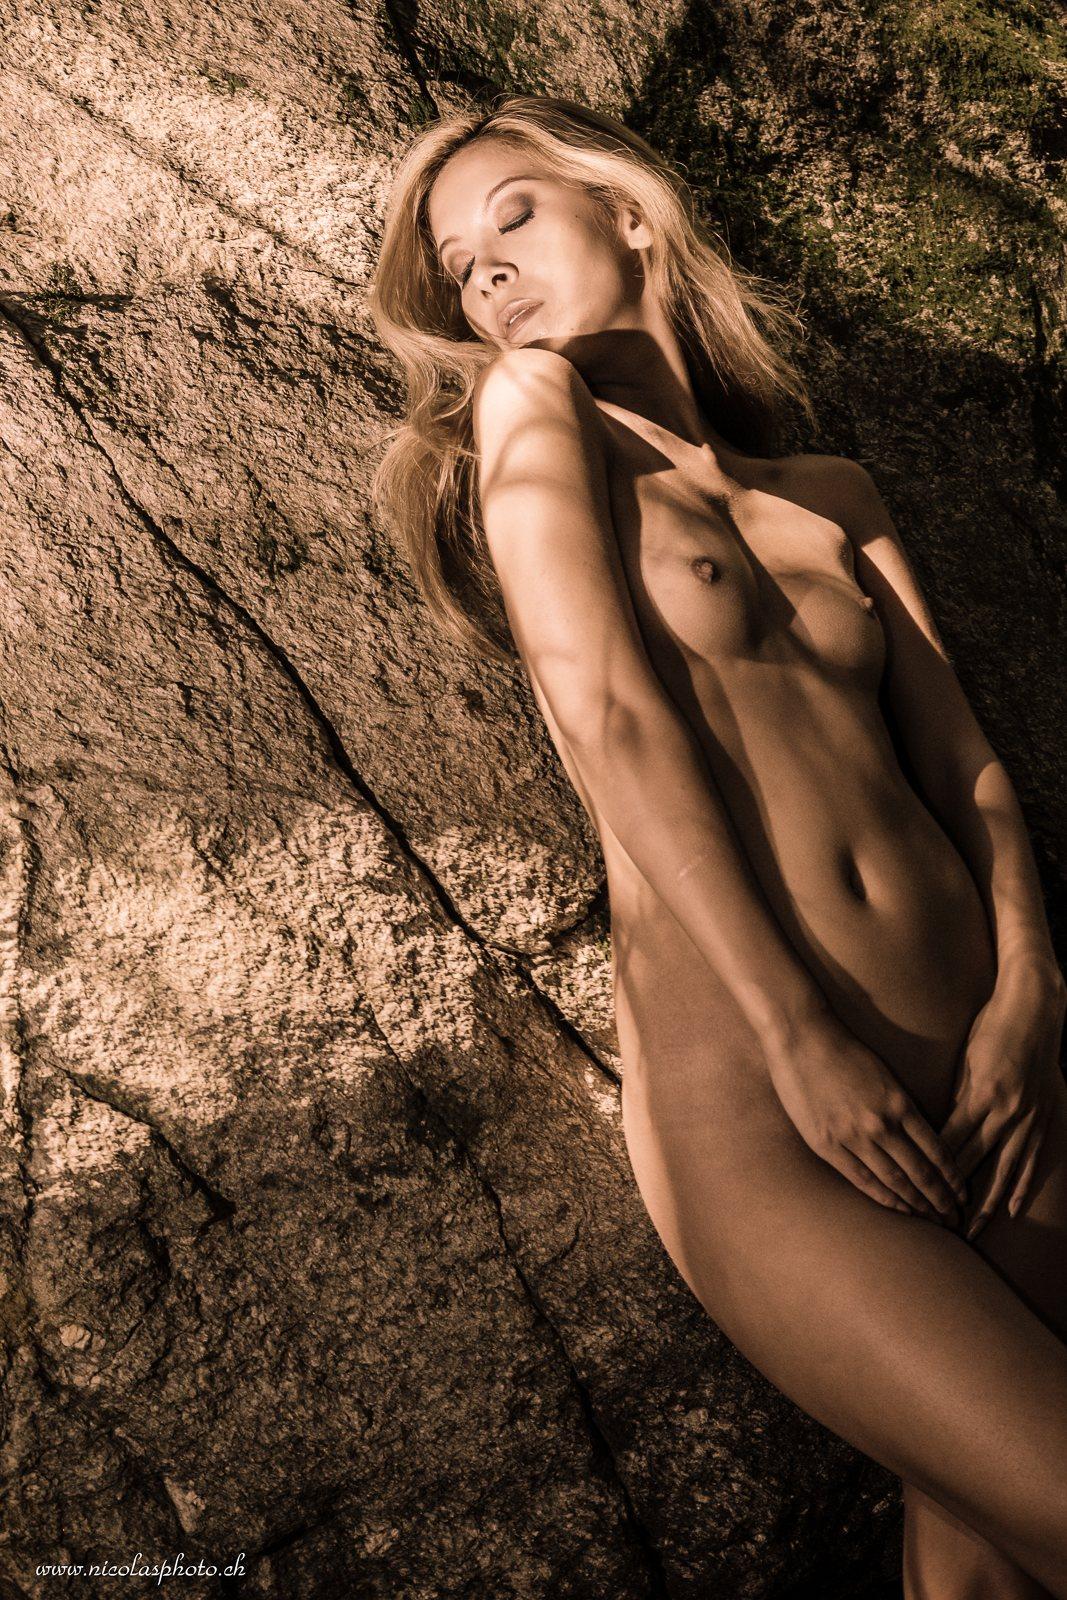 jenny suv femme genève modèle mannequin suisse maquilleuse danseuse nu charme sepia